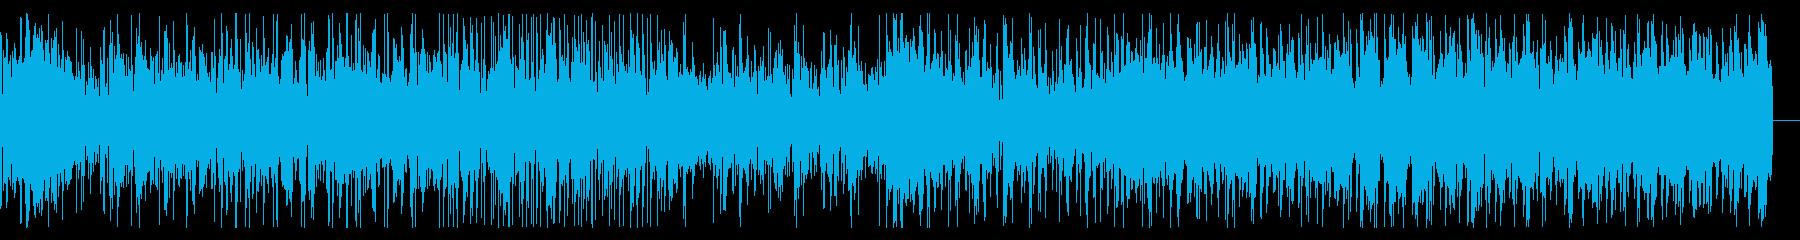 ロボティックなビートとテクスチャのIDMの再生済みの波形